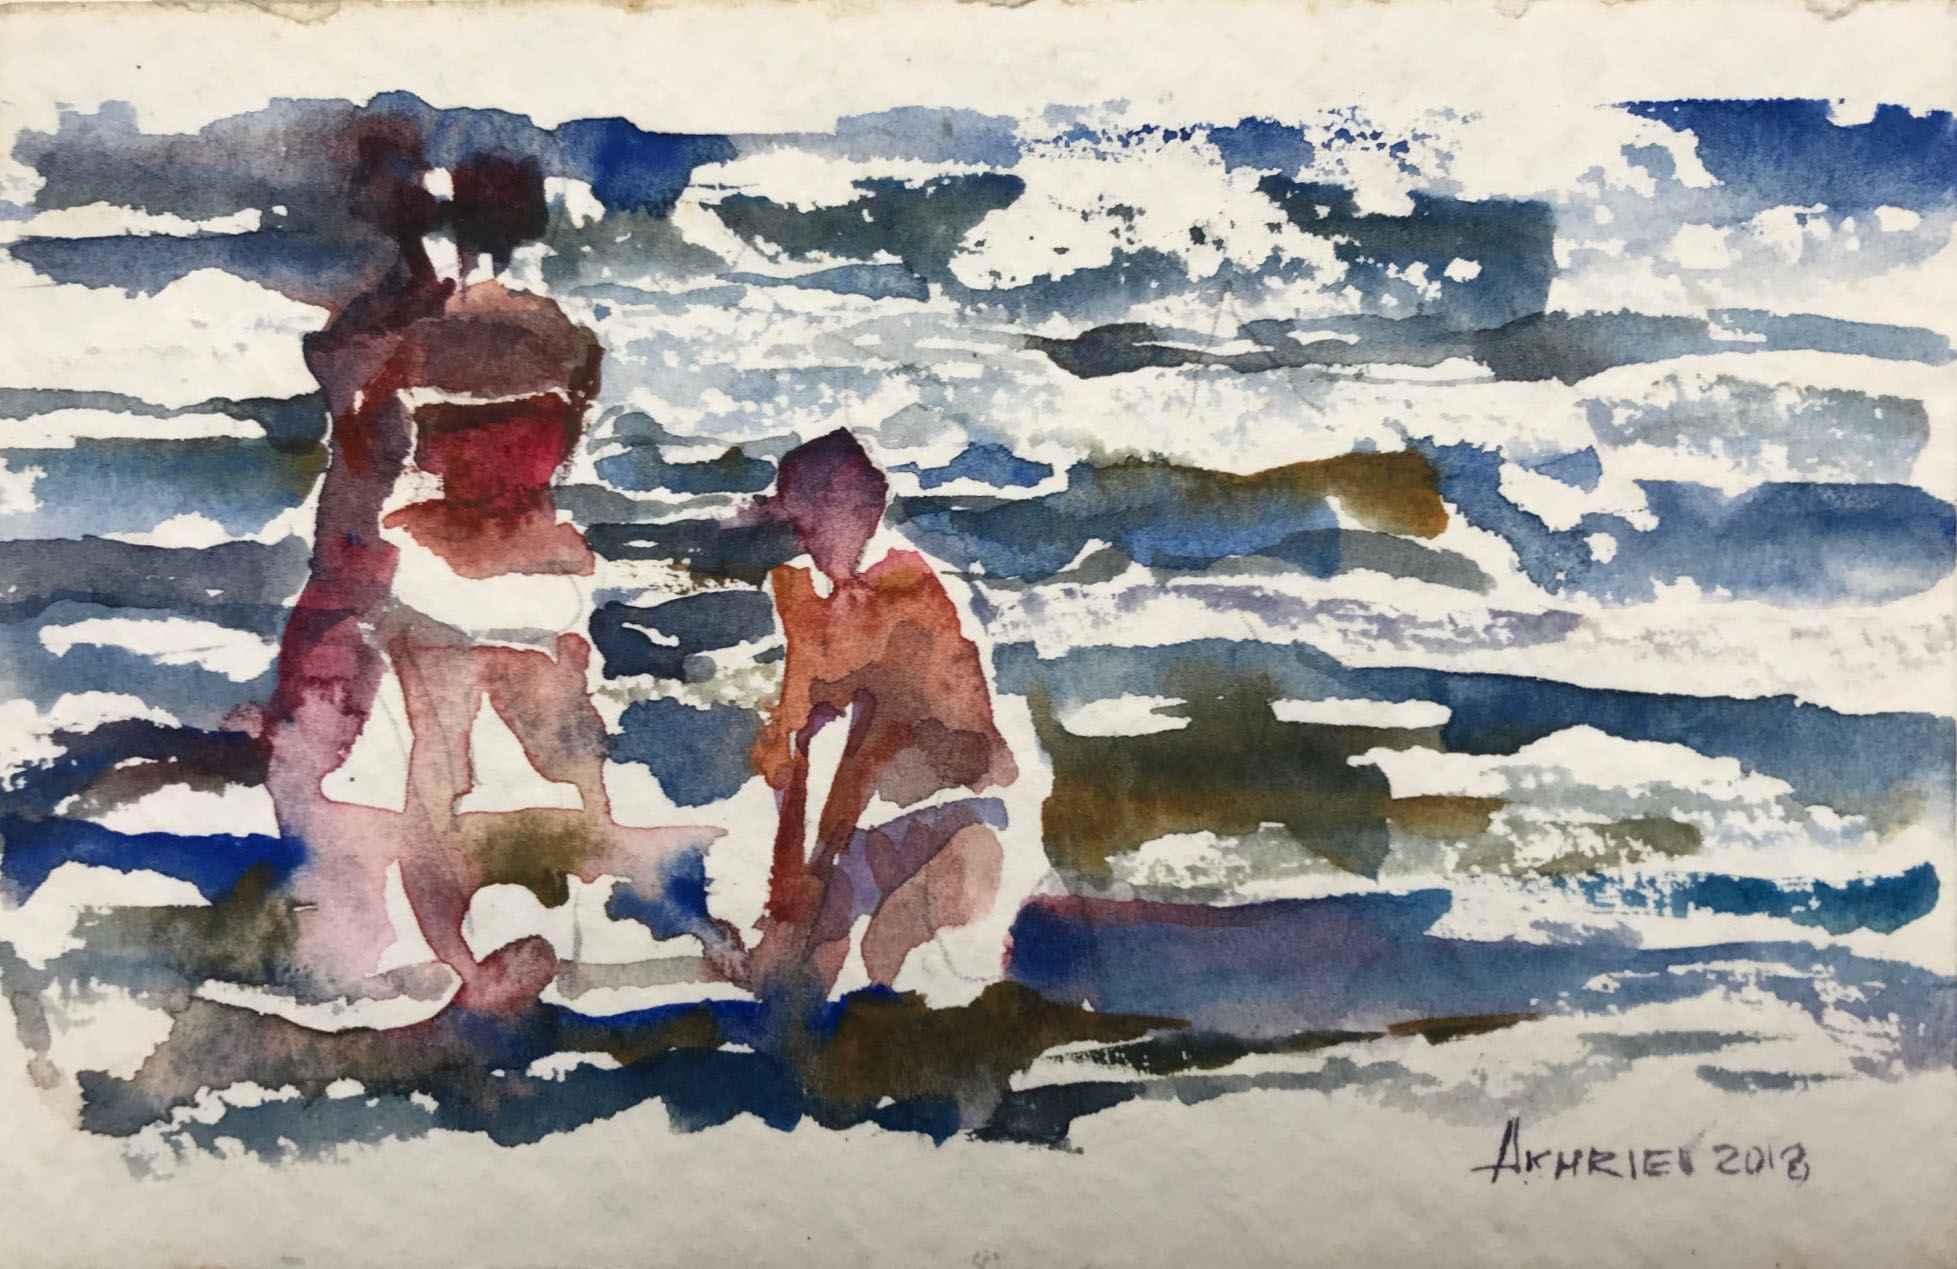 Beach Series II by  Daud Akhriev - Masterpiece Online